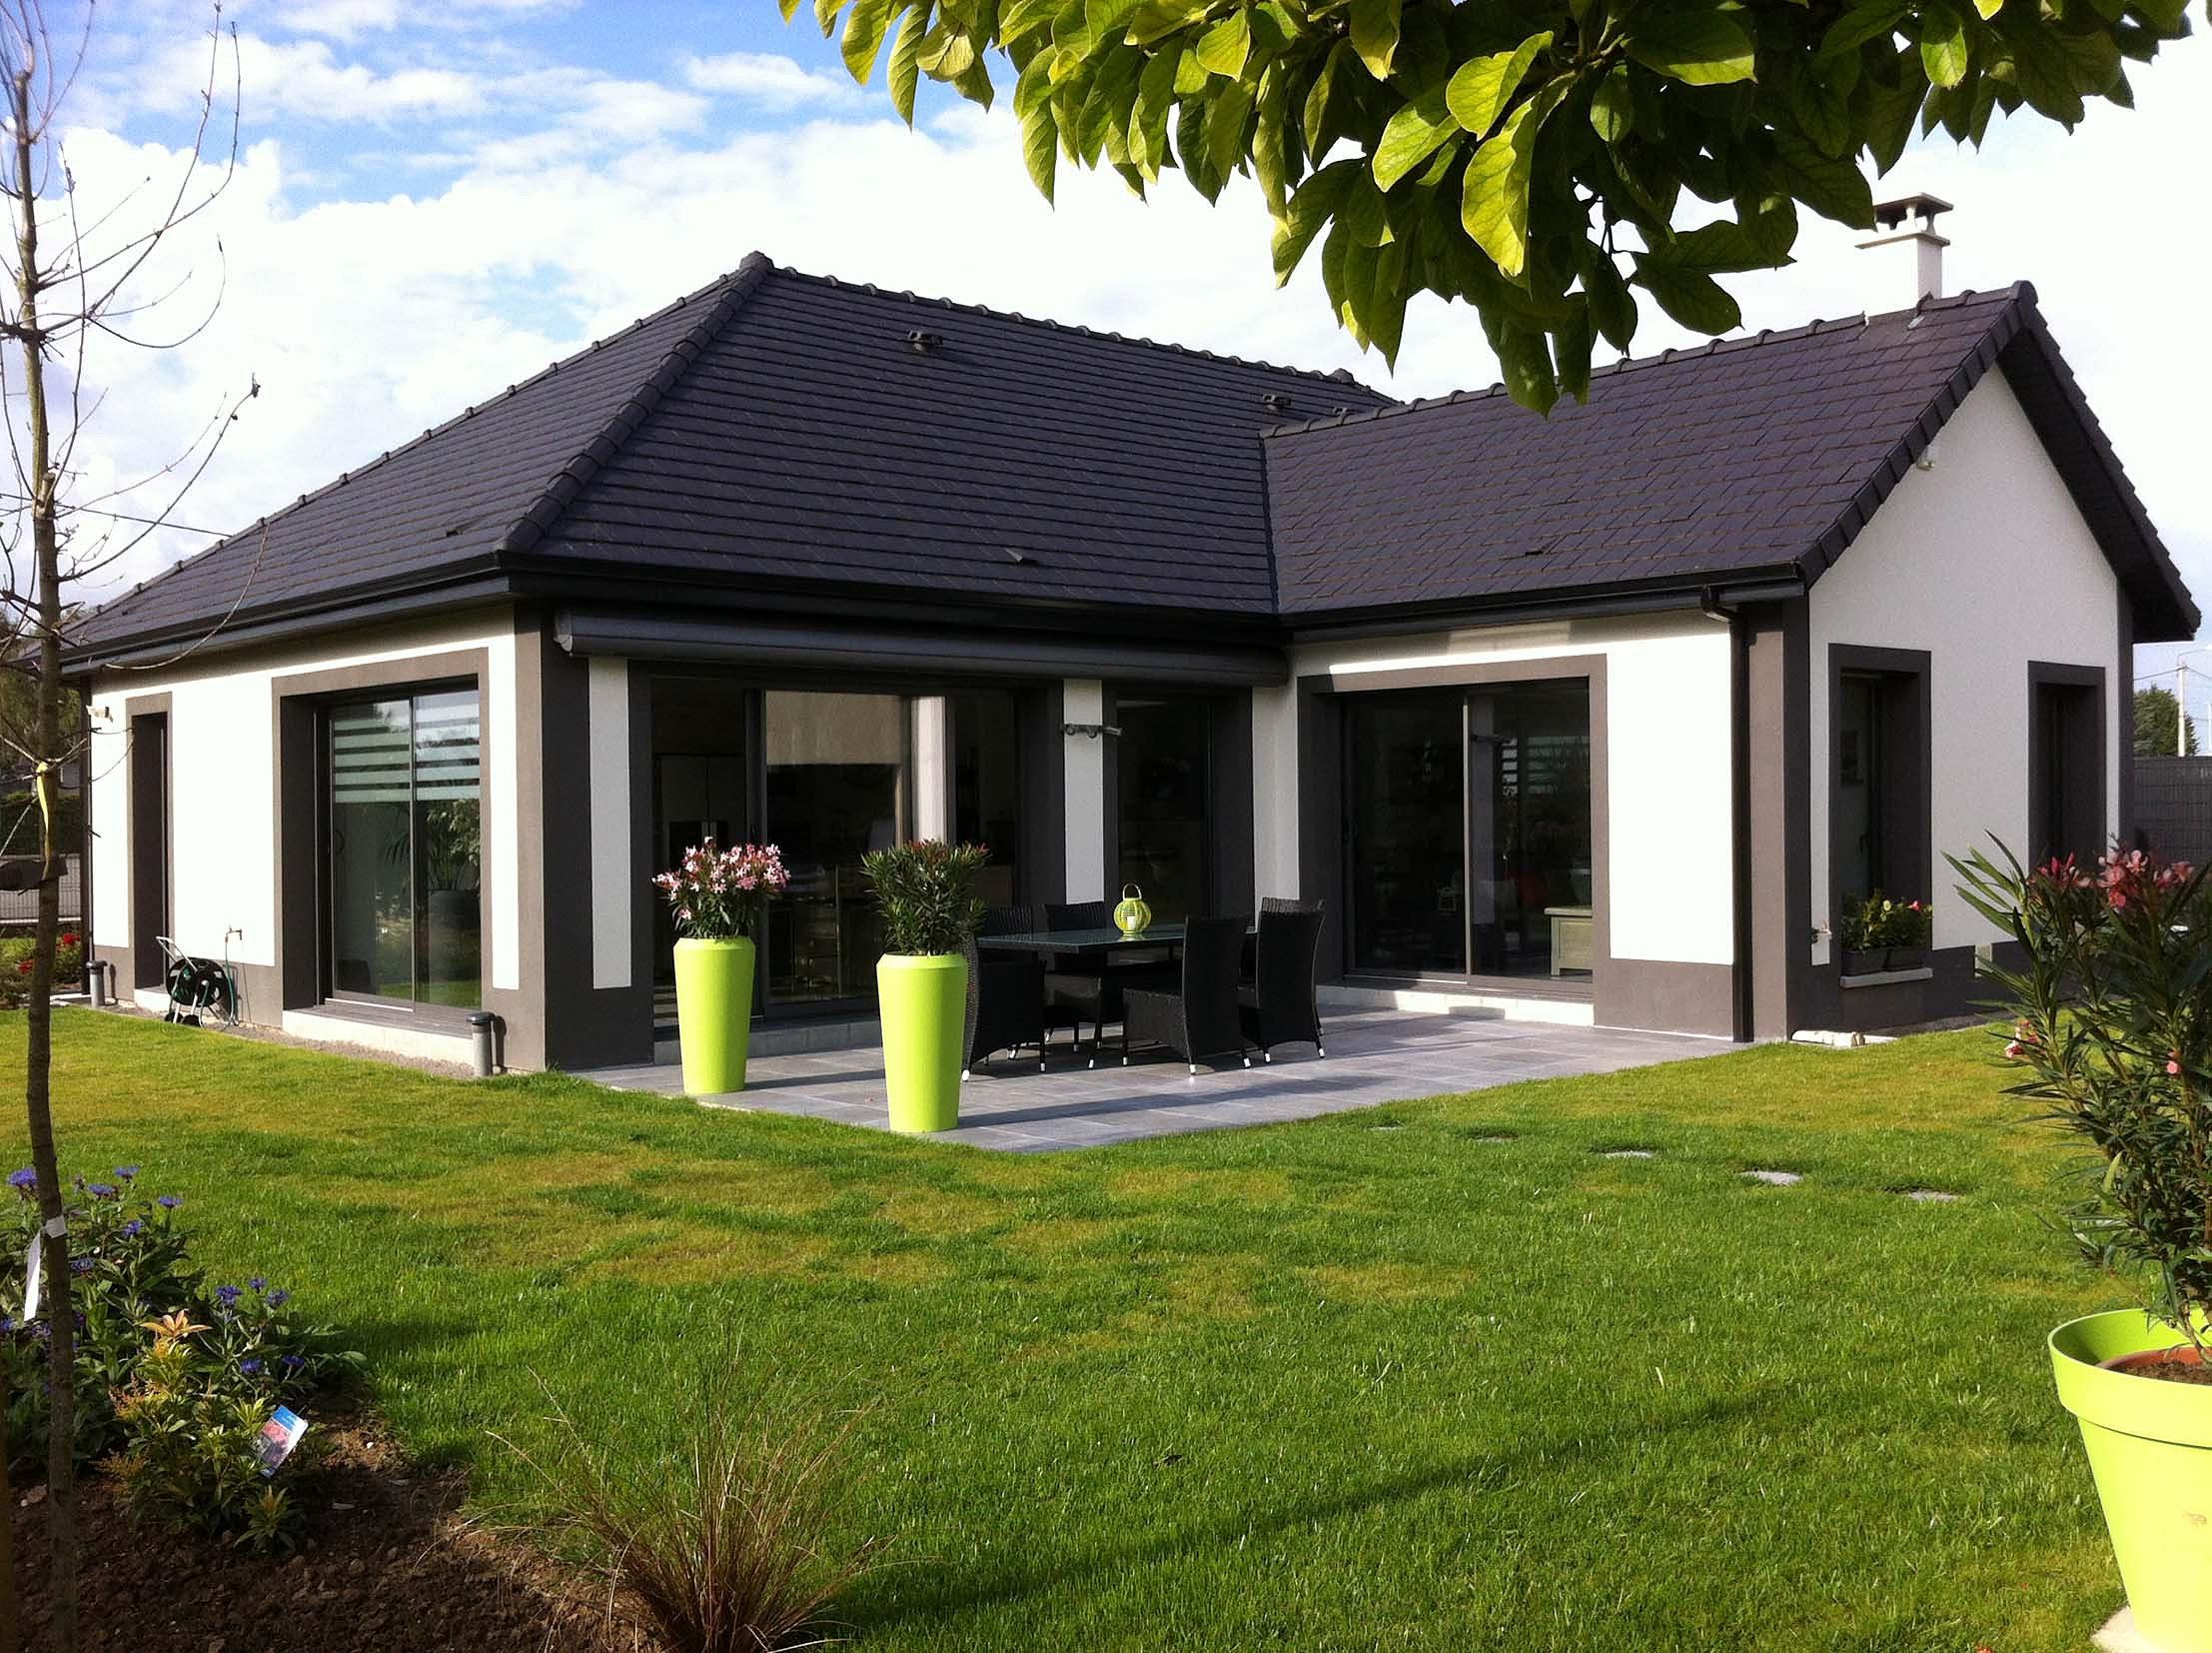 gitec constructions constructeur de maisons individuelles arras plain pied contemporain. Black Bedroom Furniture Sets. Home Design Ideas